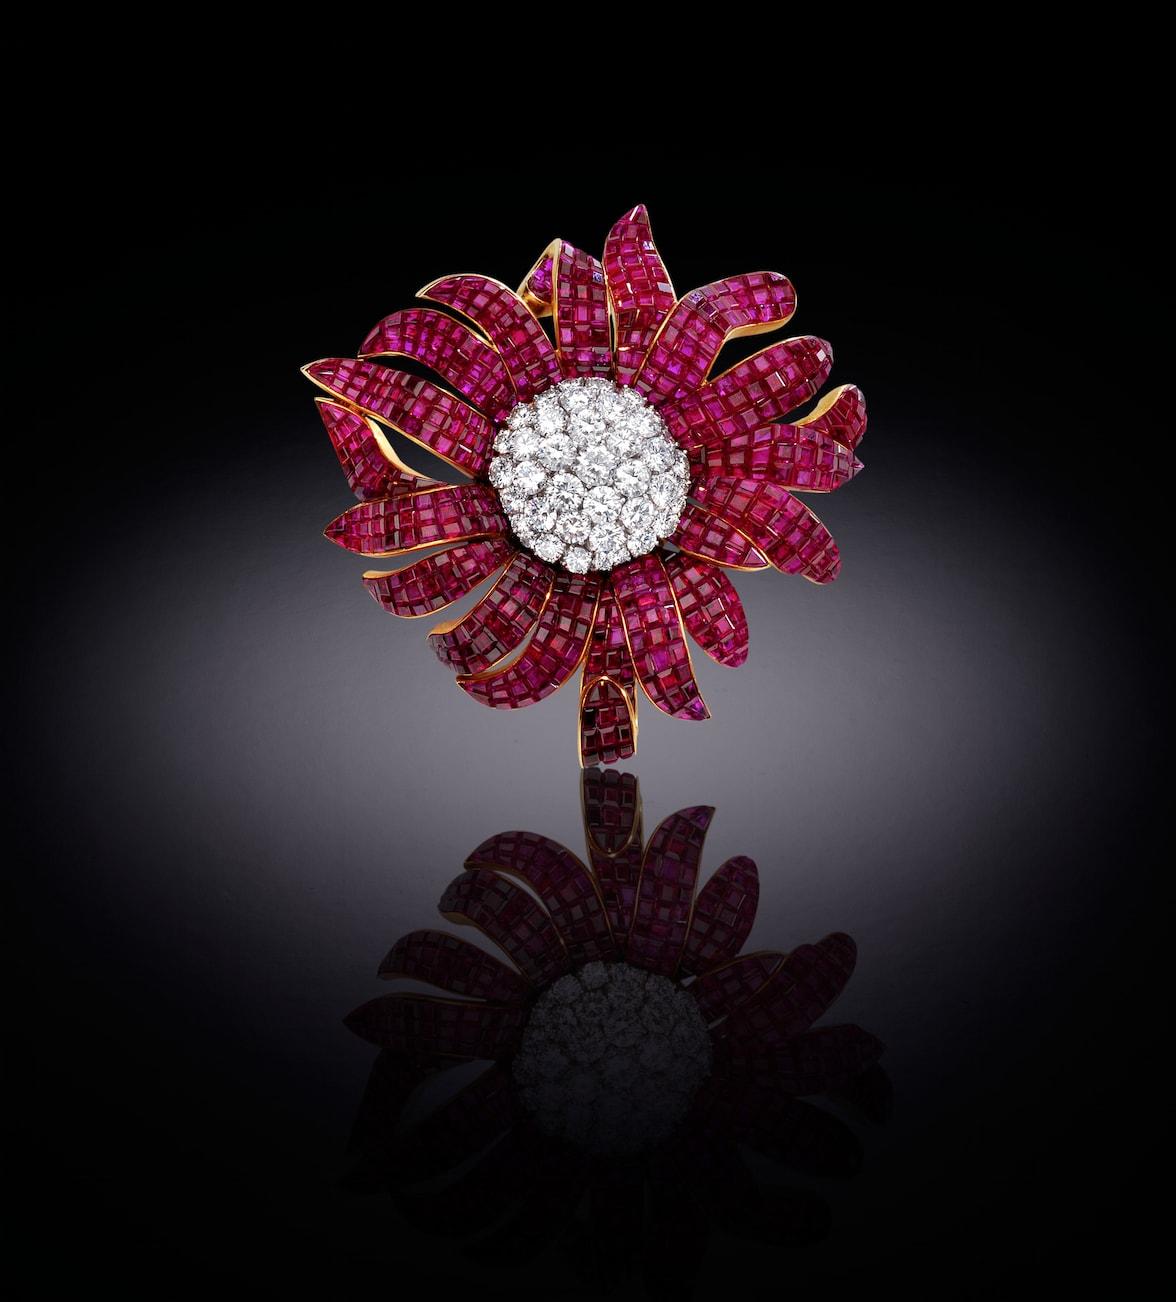 Van-cleef-Arpels-'Marguerite'-ruby-and-diamond-brooch-1969